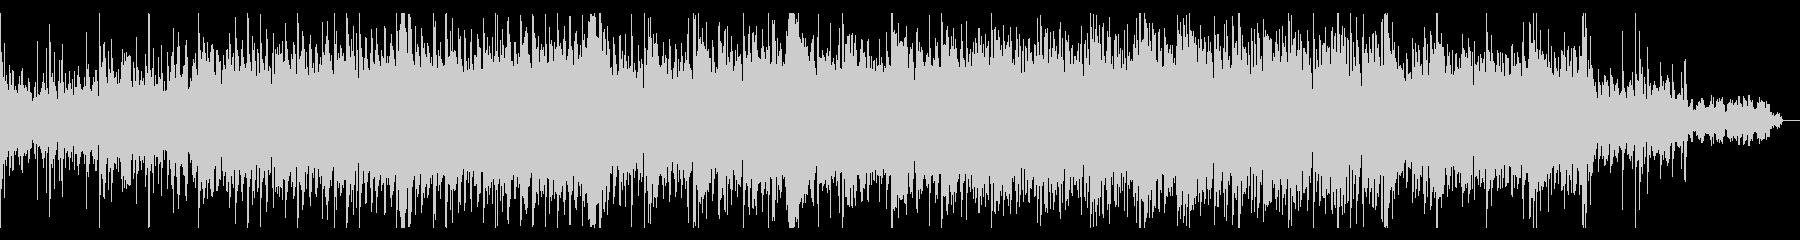 シリアスなオーケストラ調のBGMの未再生の波形